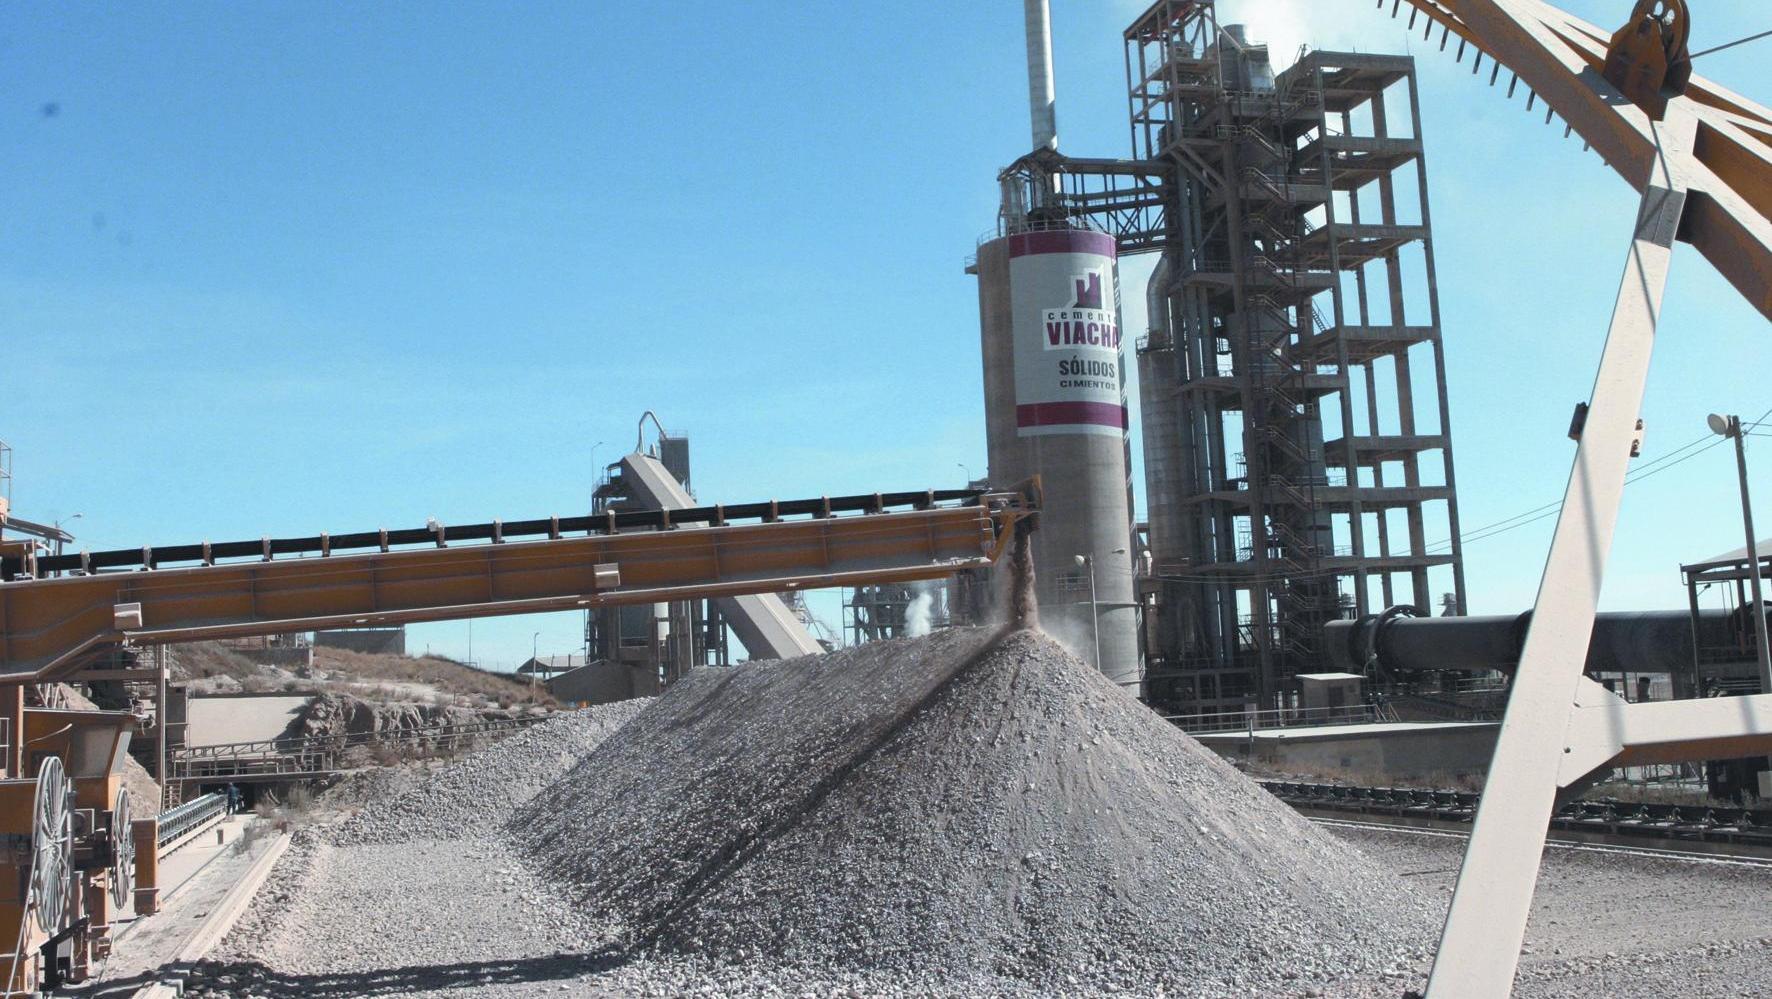 La desaceleración de la producción cementera marca el ritmo de la economía.